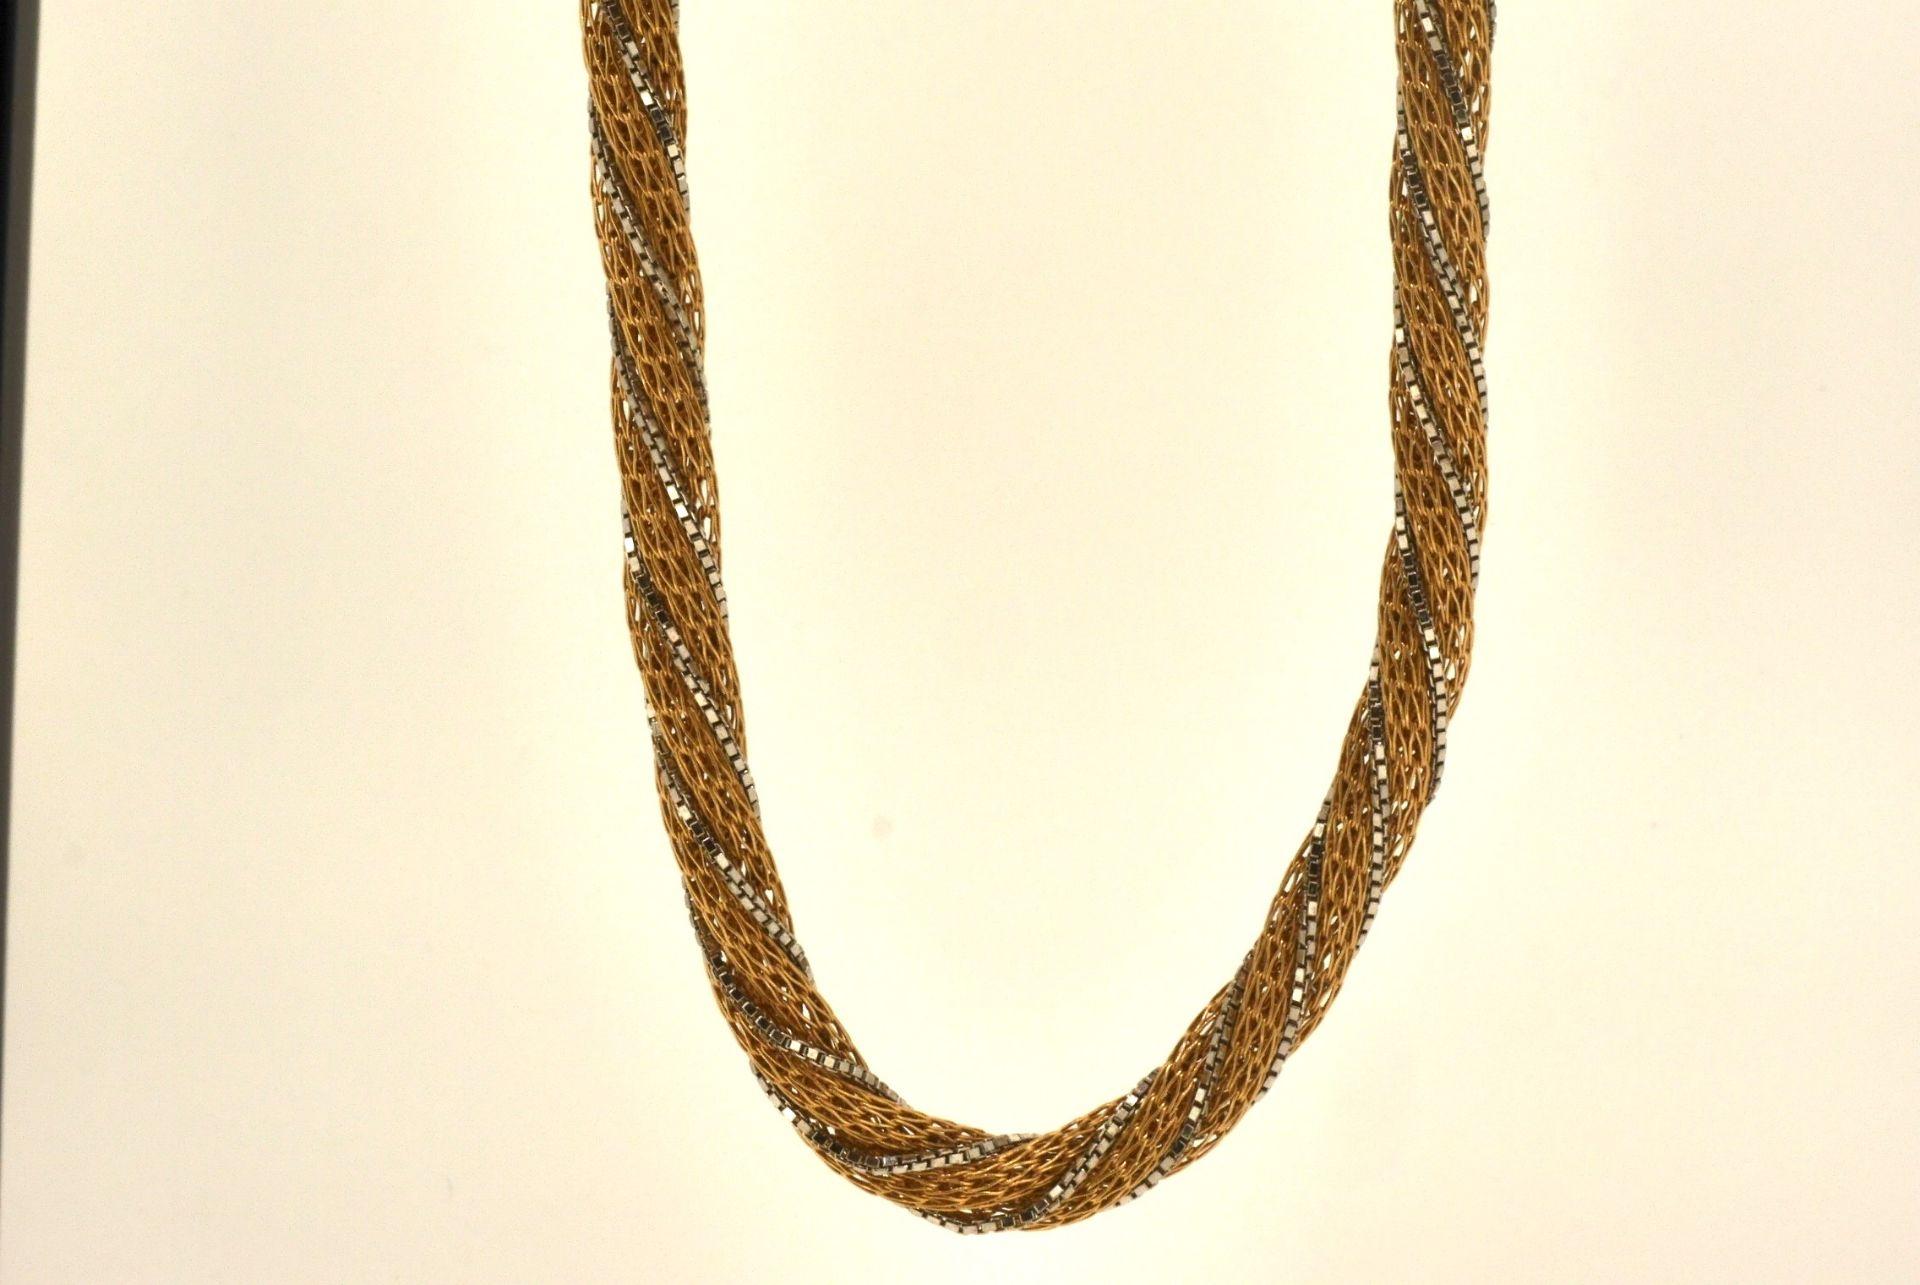 Collier WG/GG 750, 50 cm, 34,6 Gramm - Bild 3 aus 4